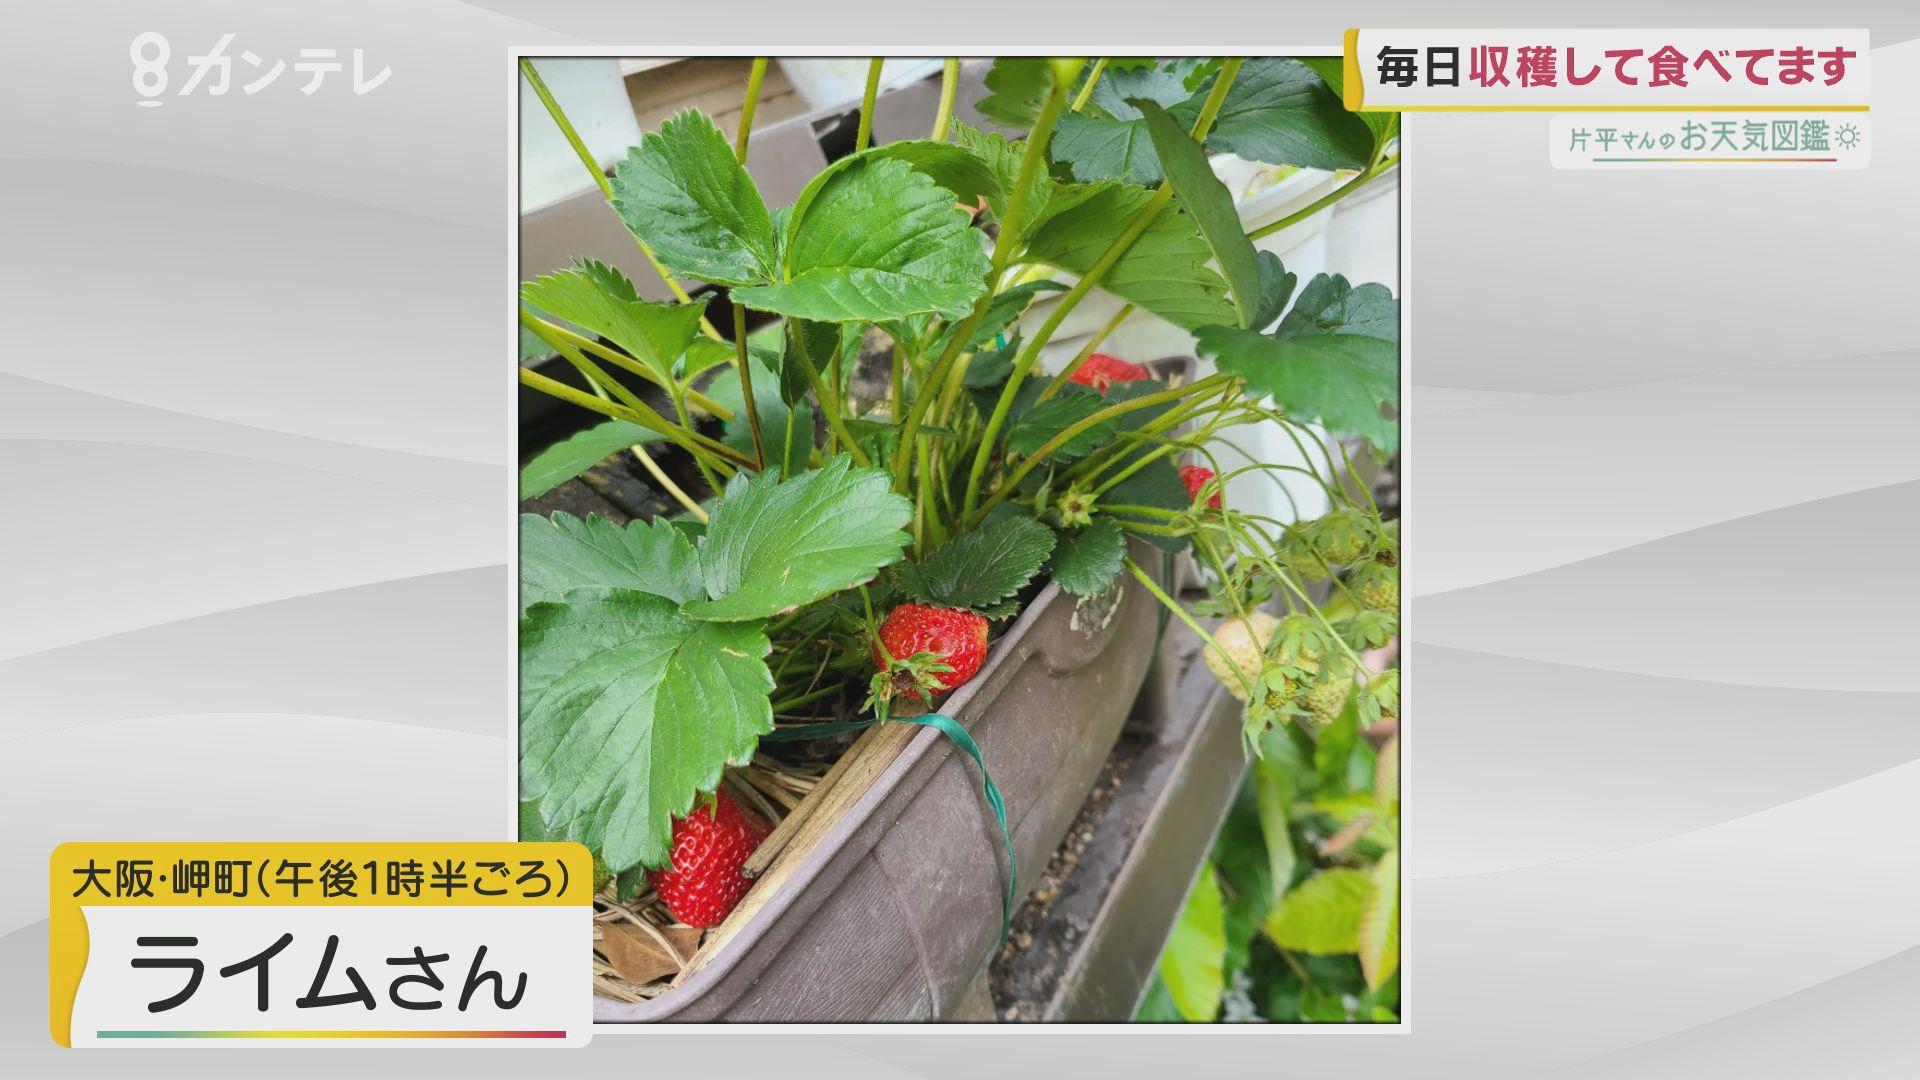 「おうちでイチゴ狩り」(大阪・岬町)